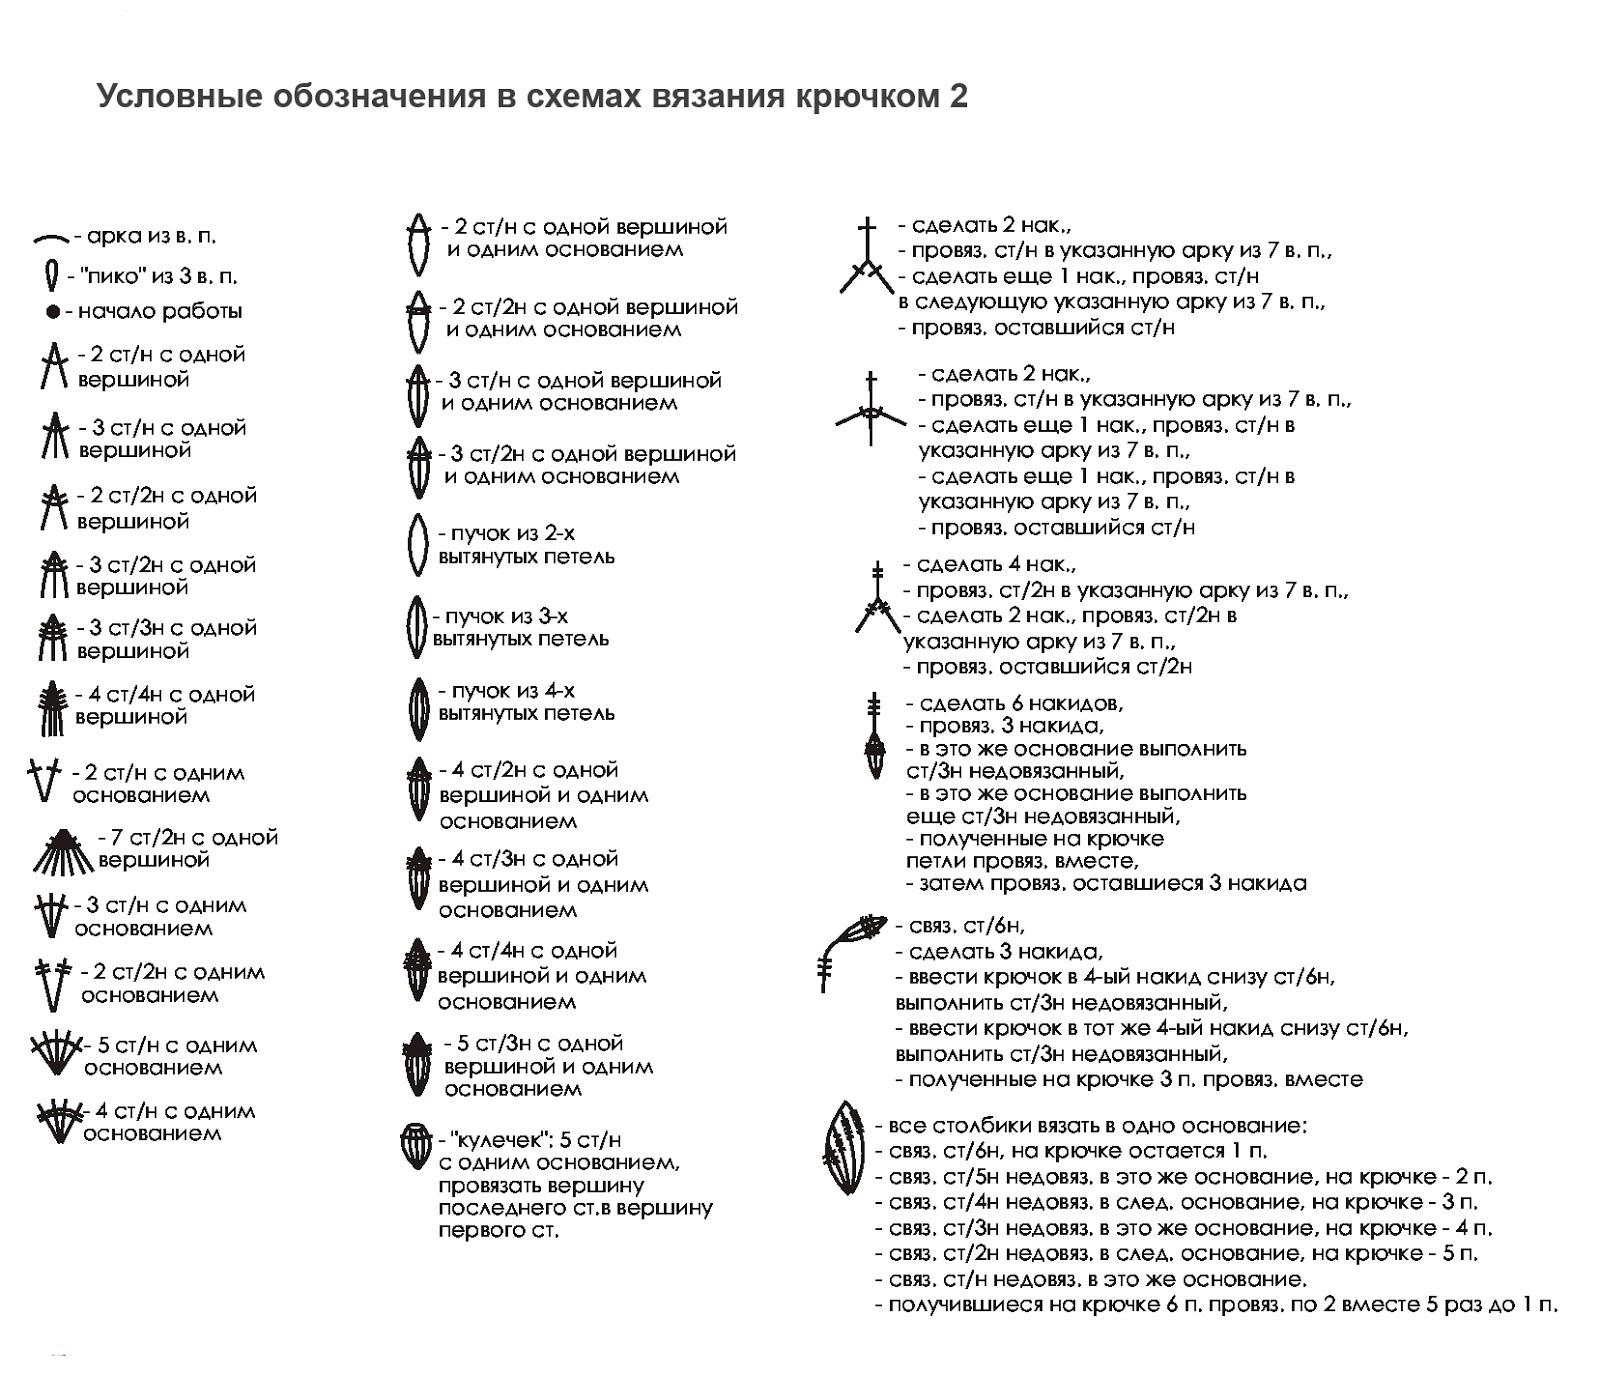 Схемы вязания крючком как читать схемы условные обозначения